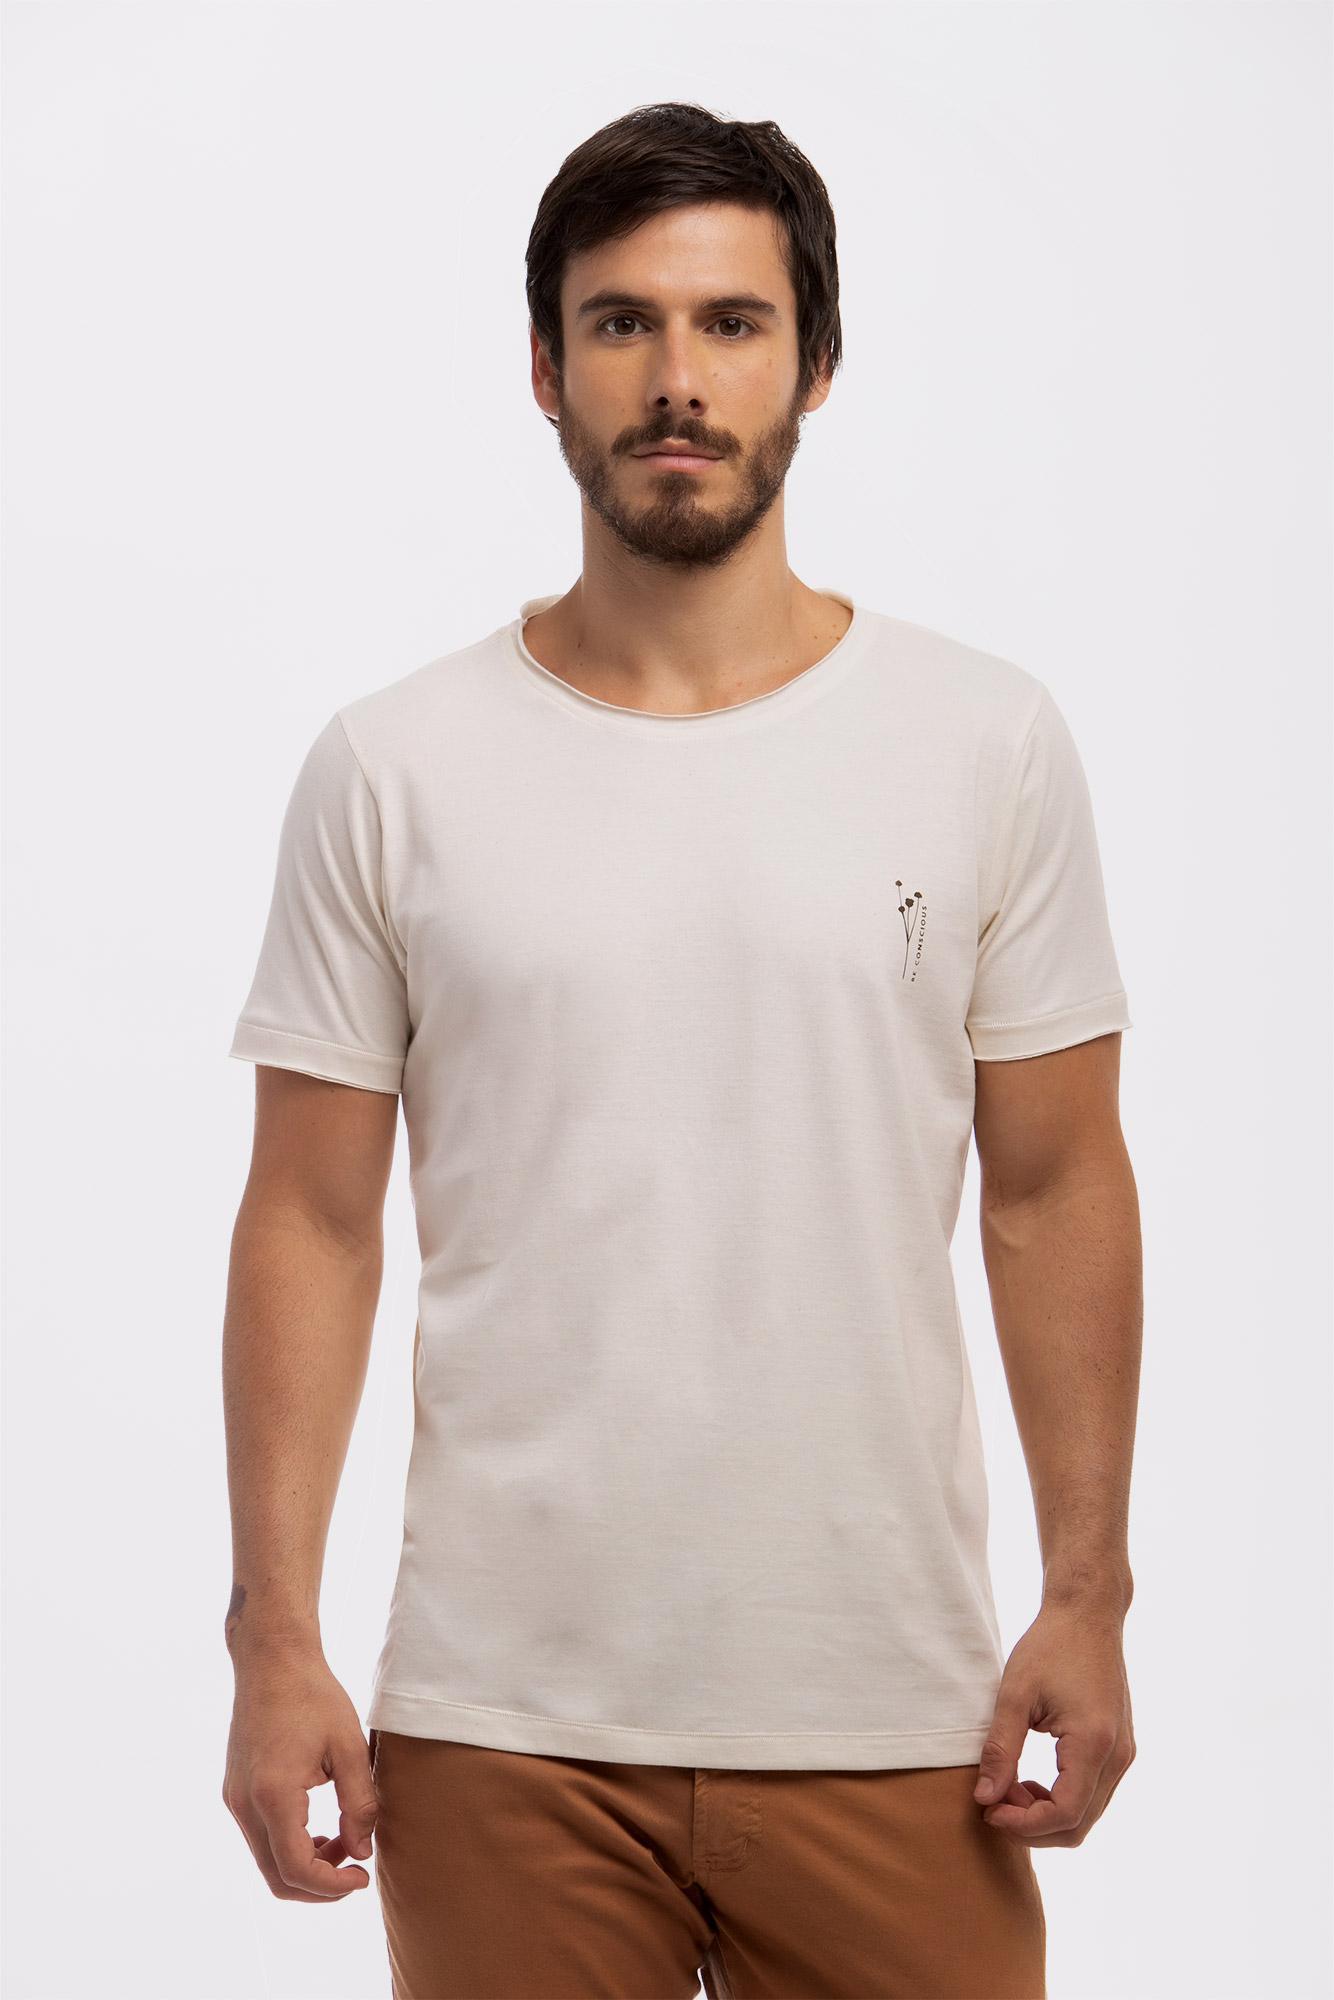 Camiseta Leaves Be Conscious